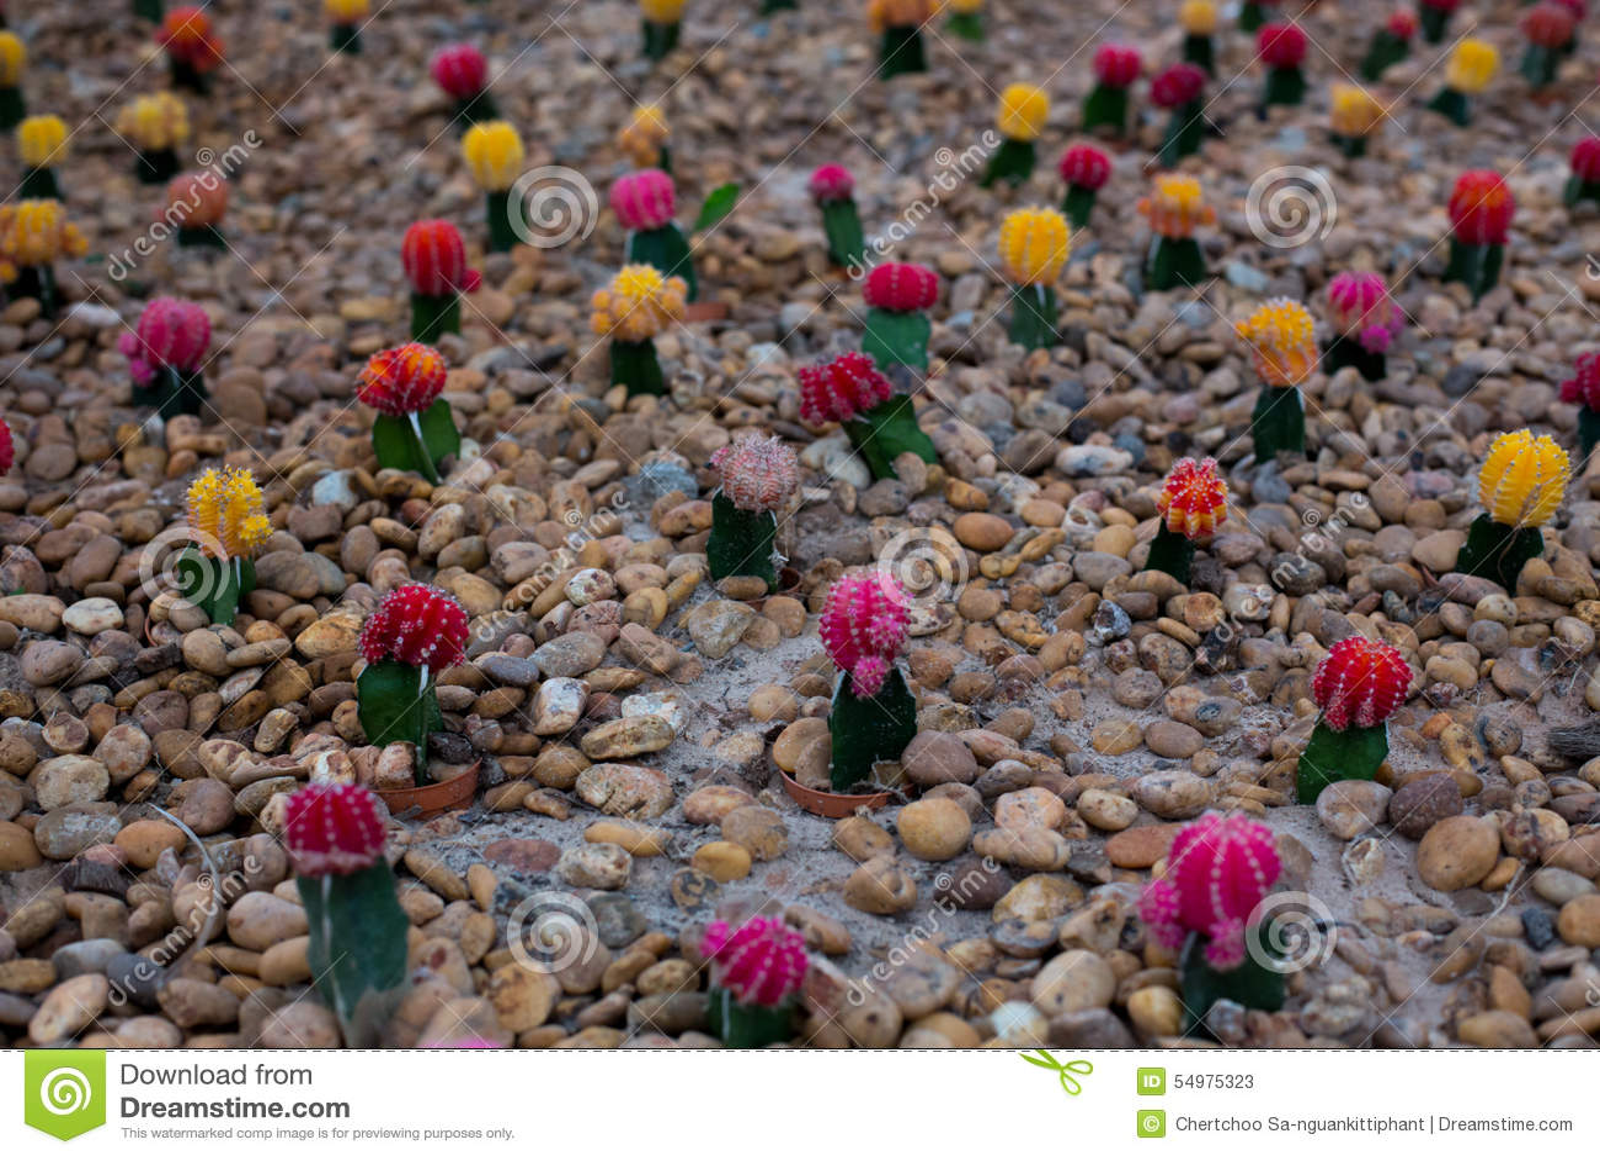 Färgrik kaktus